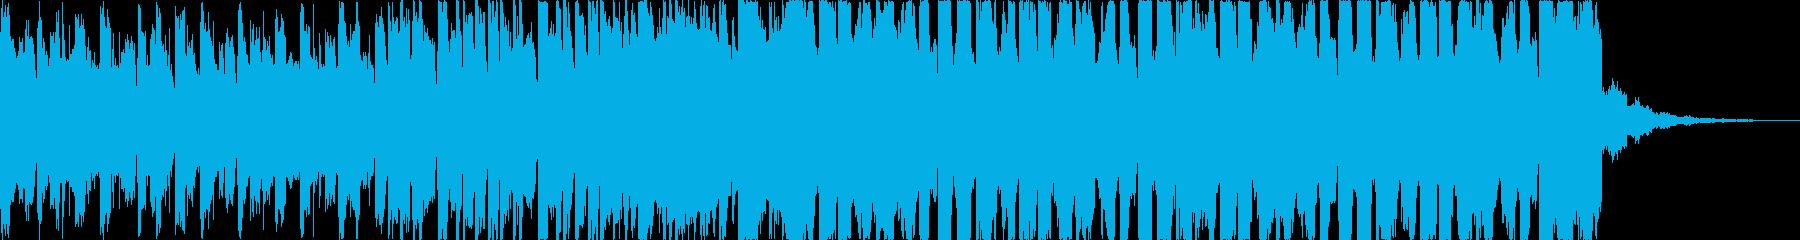 チルアウト幻想的なトロピカルハウスcの再生済みの波形